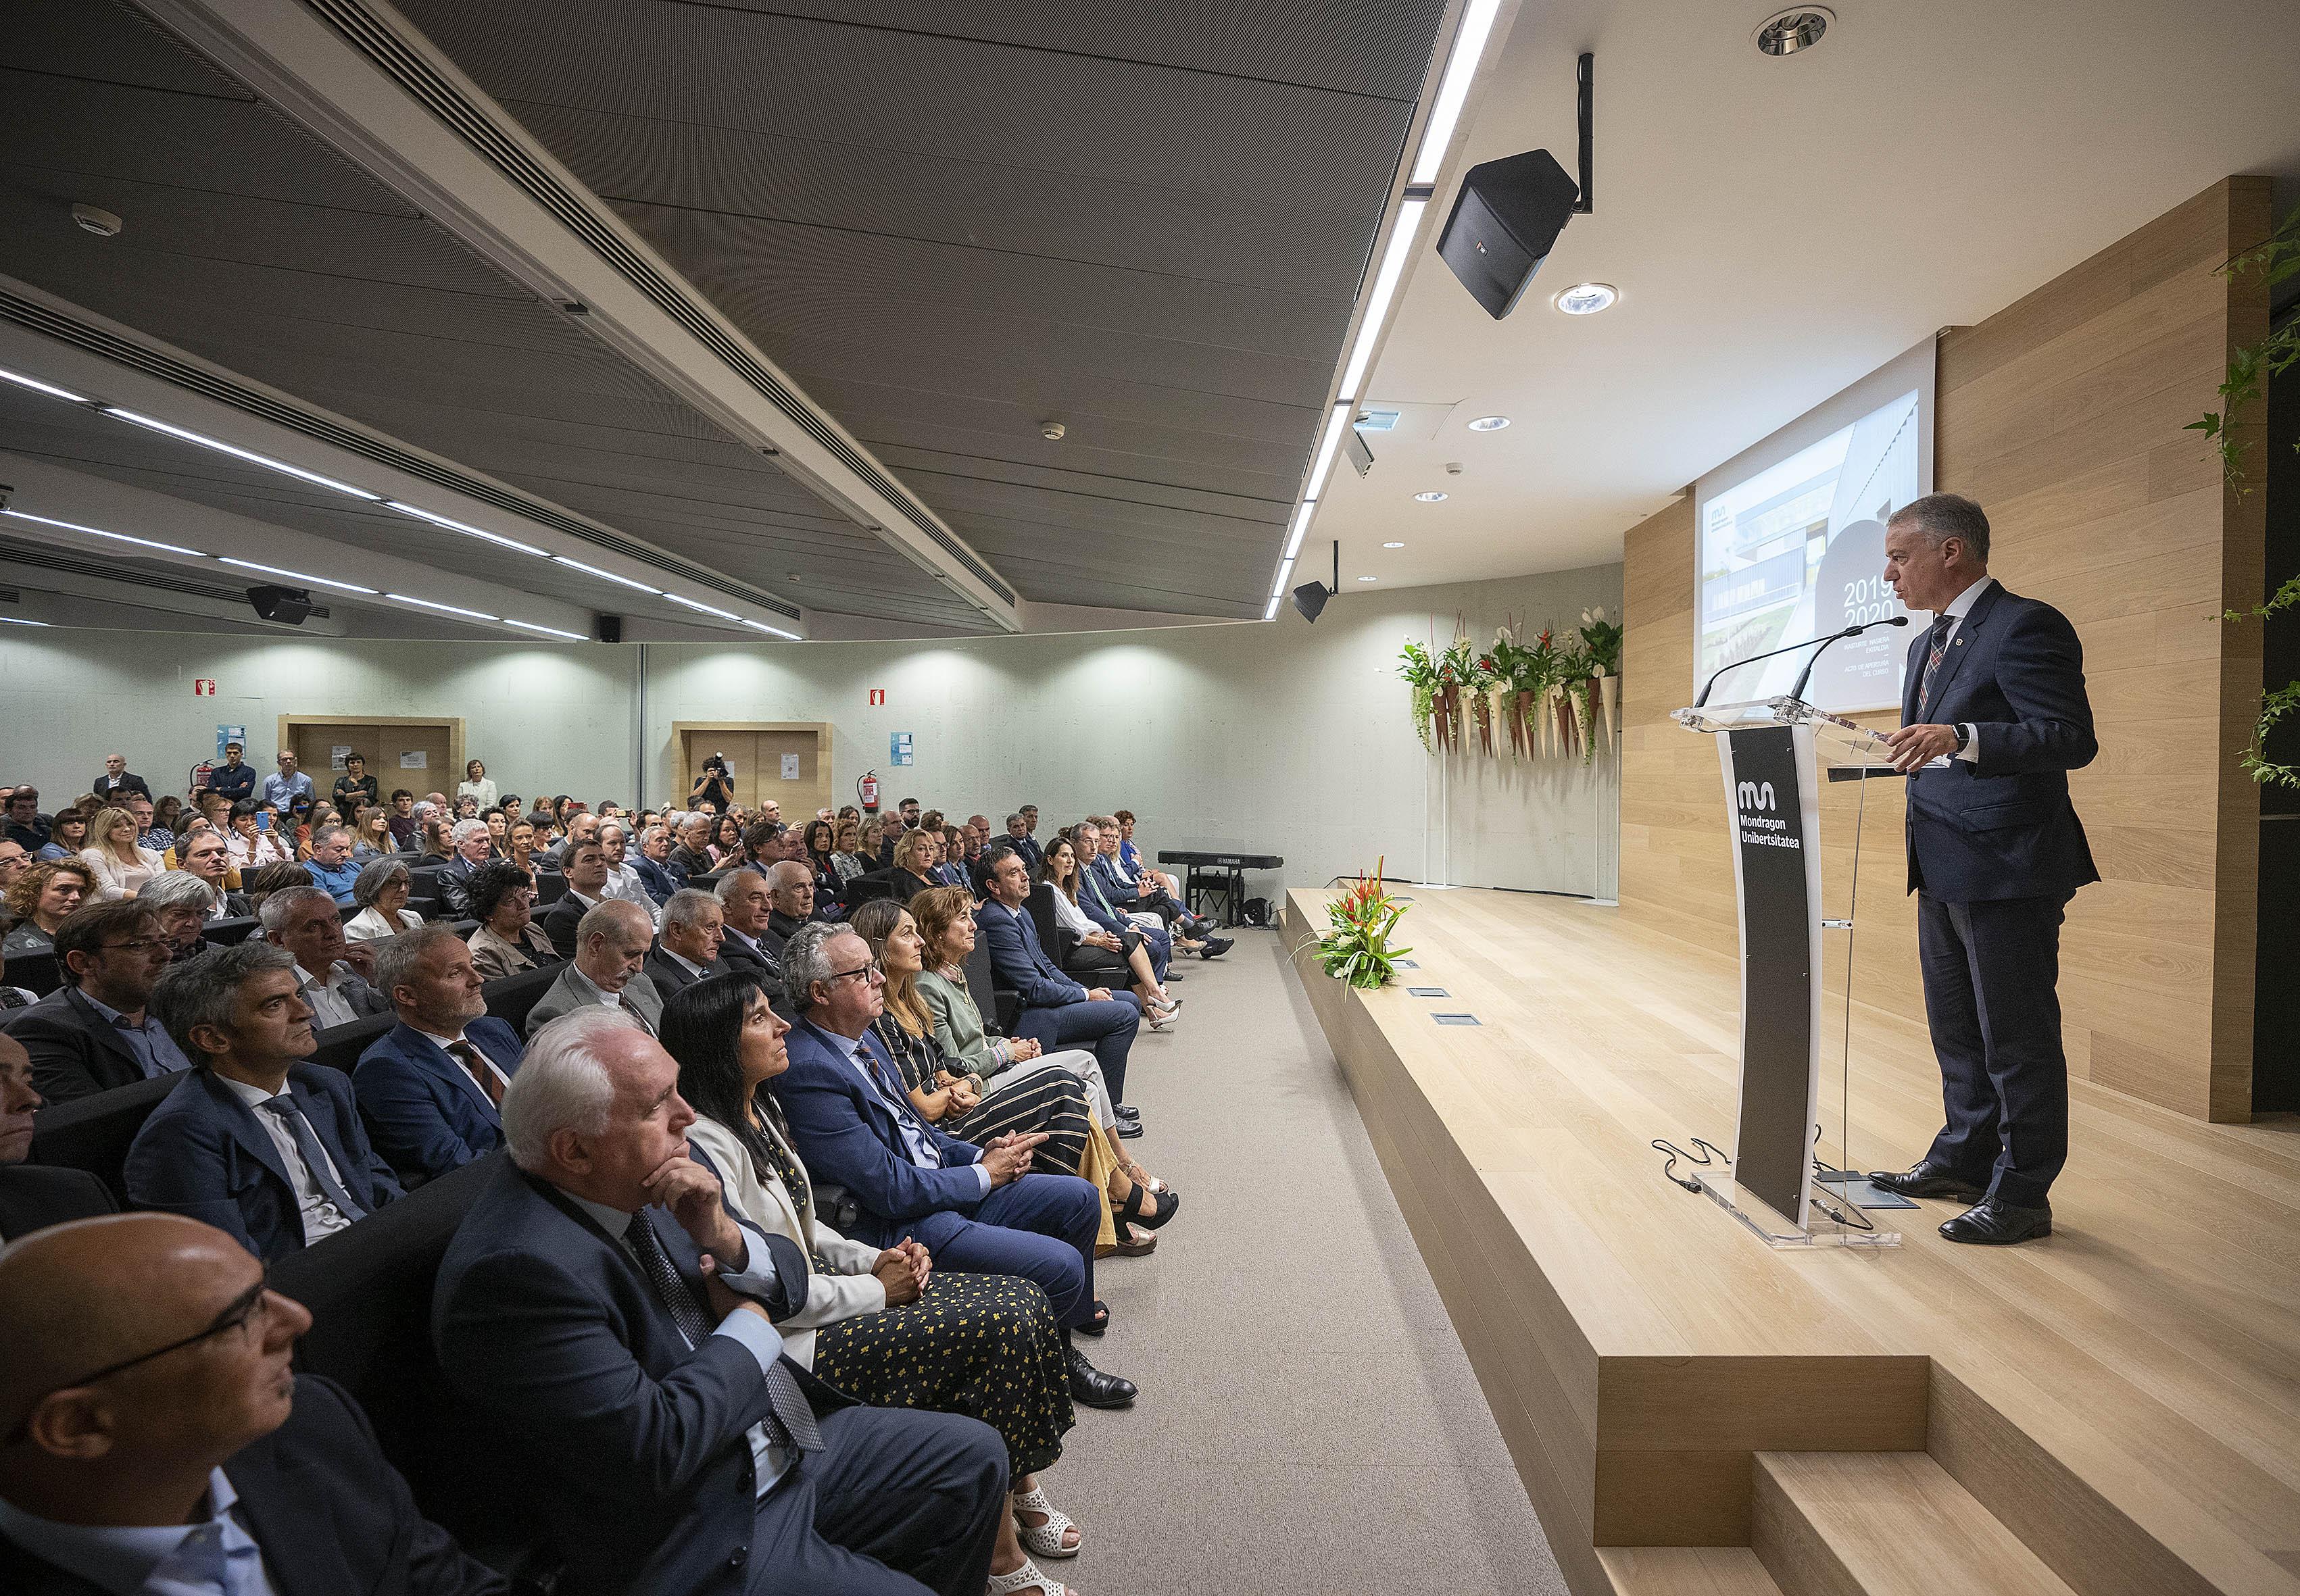 El Lehendakari preside la apertura al curso 2019-2020 de Mondragon Unibertsitatea